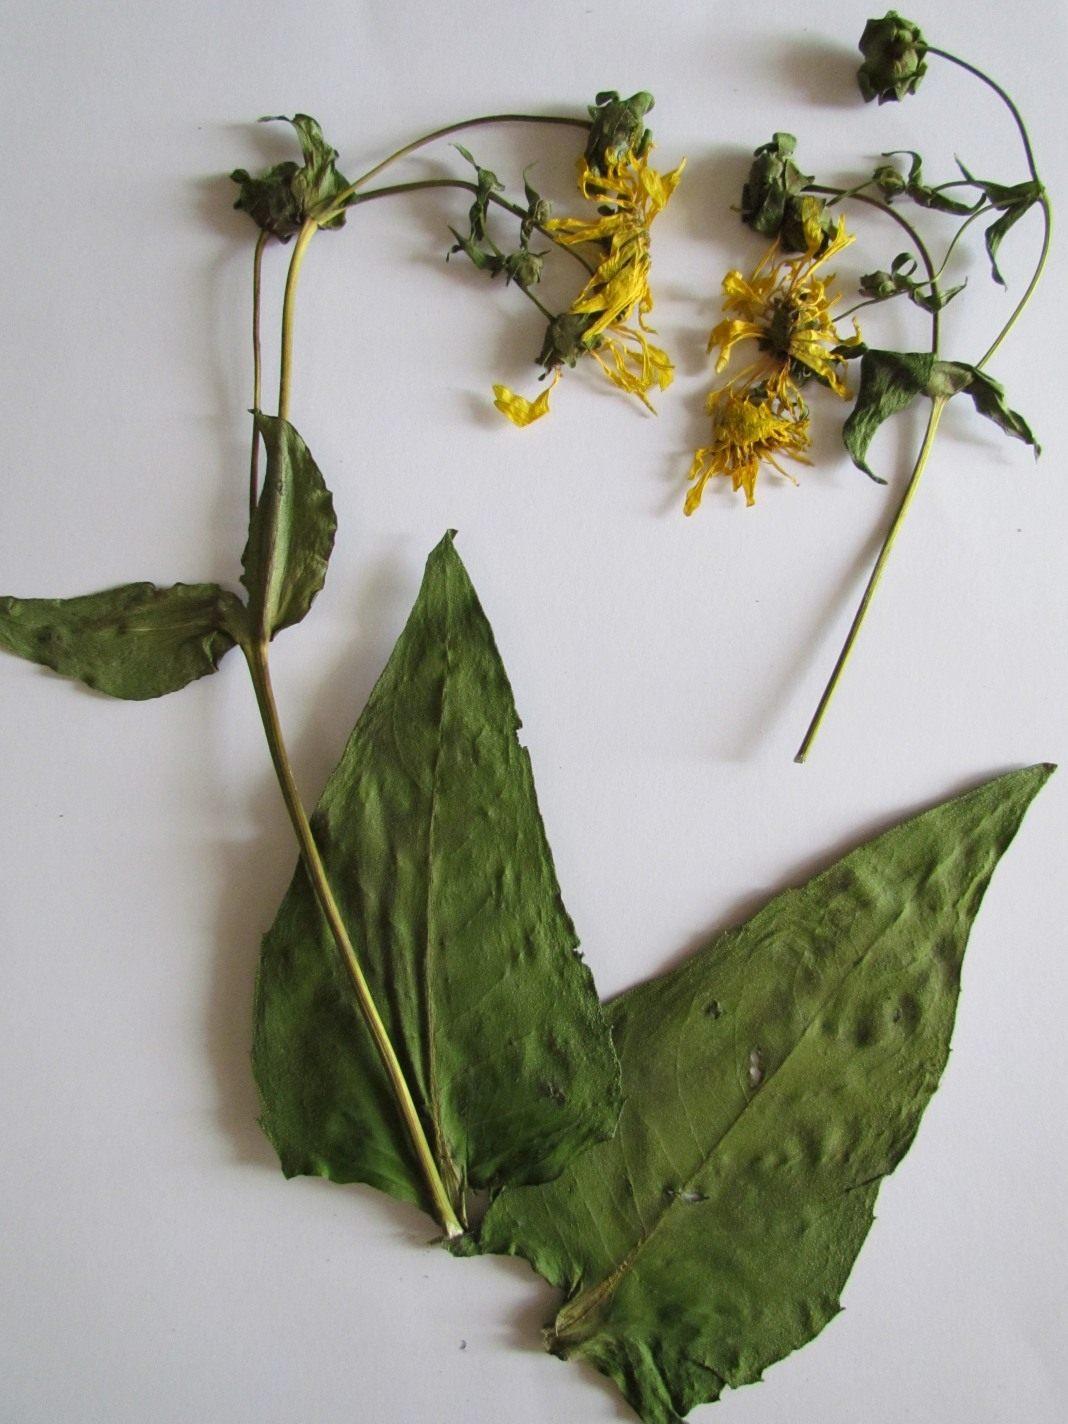 № 1 Высокое. с шершавыми листьями, крупными цветами